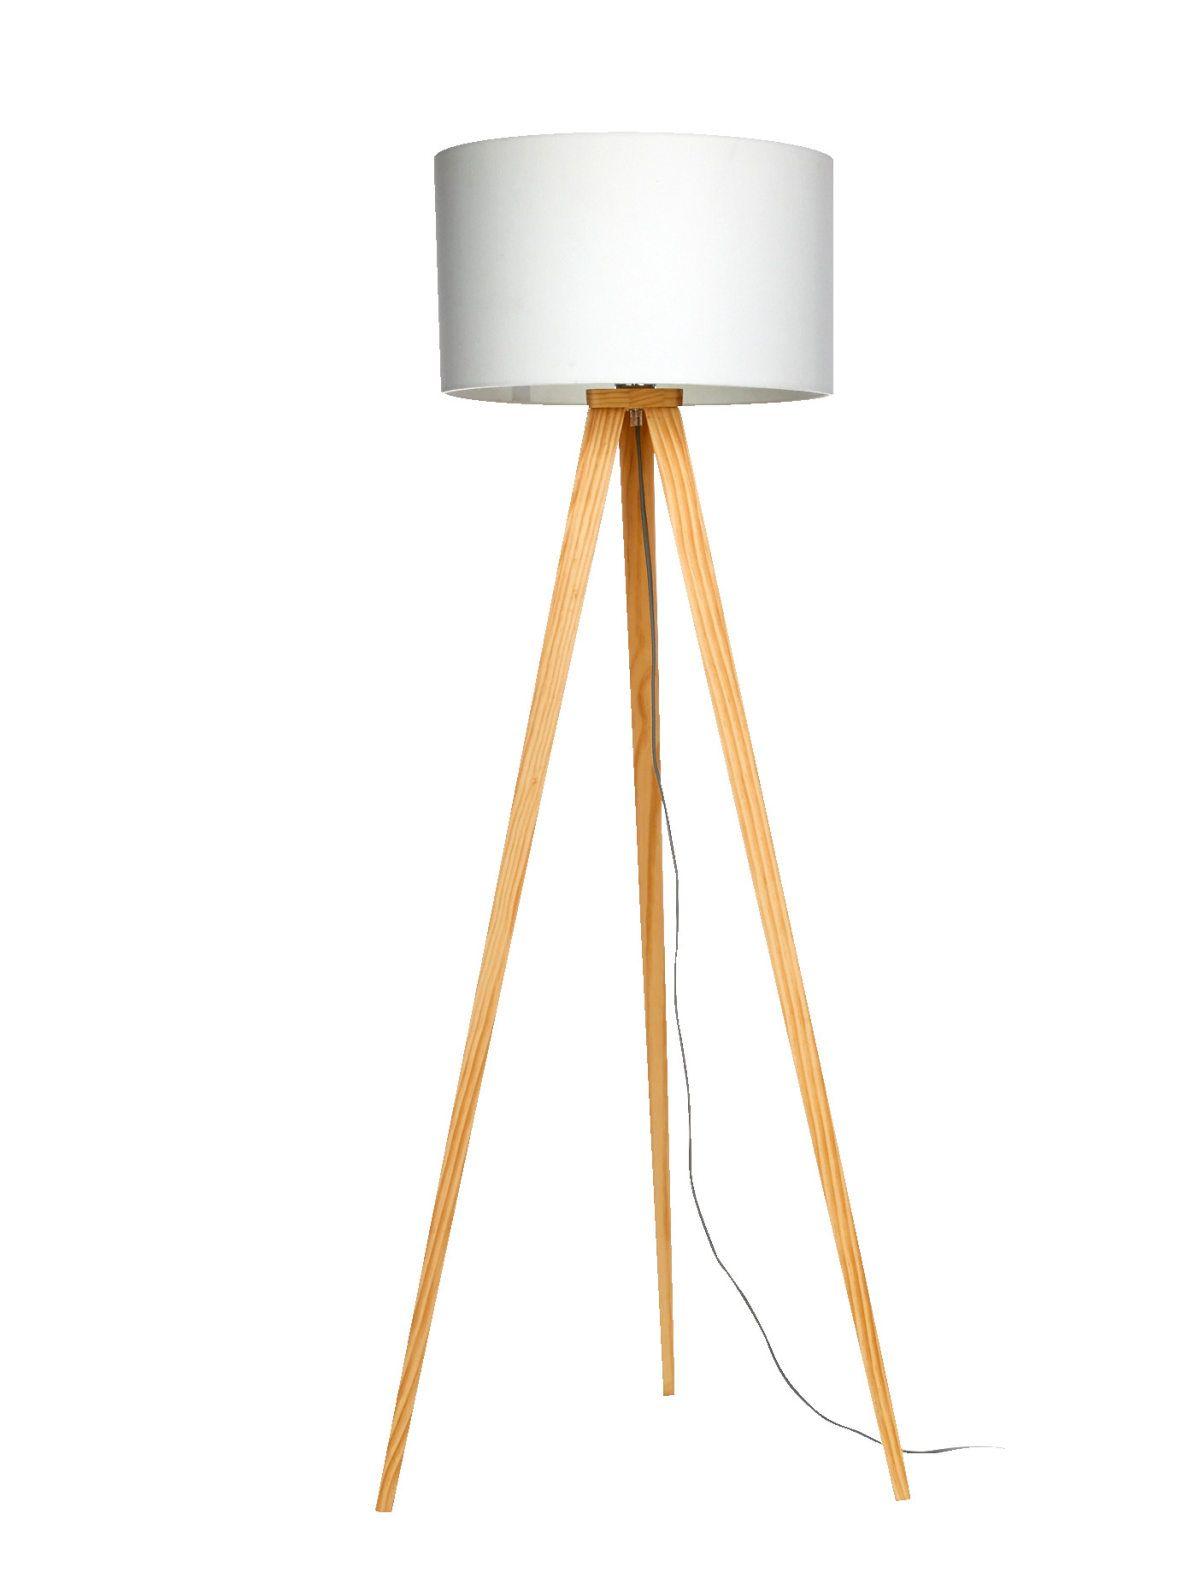 Stehleuchte 3 Bein Lampe Lampe Licht In Der Dunkelheit Lampe Weiss